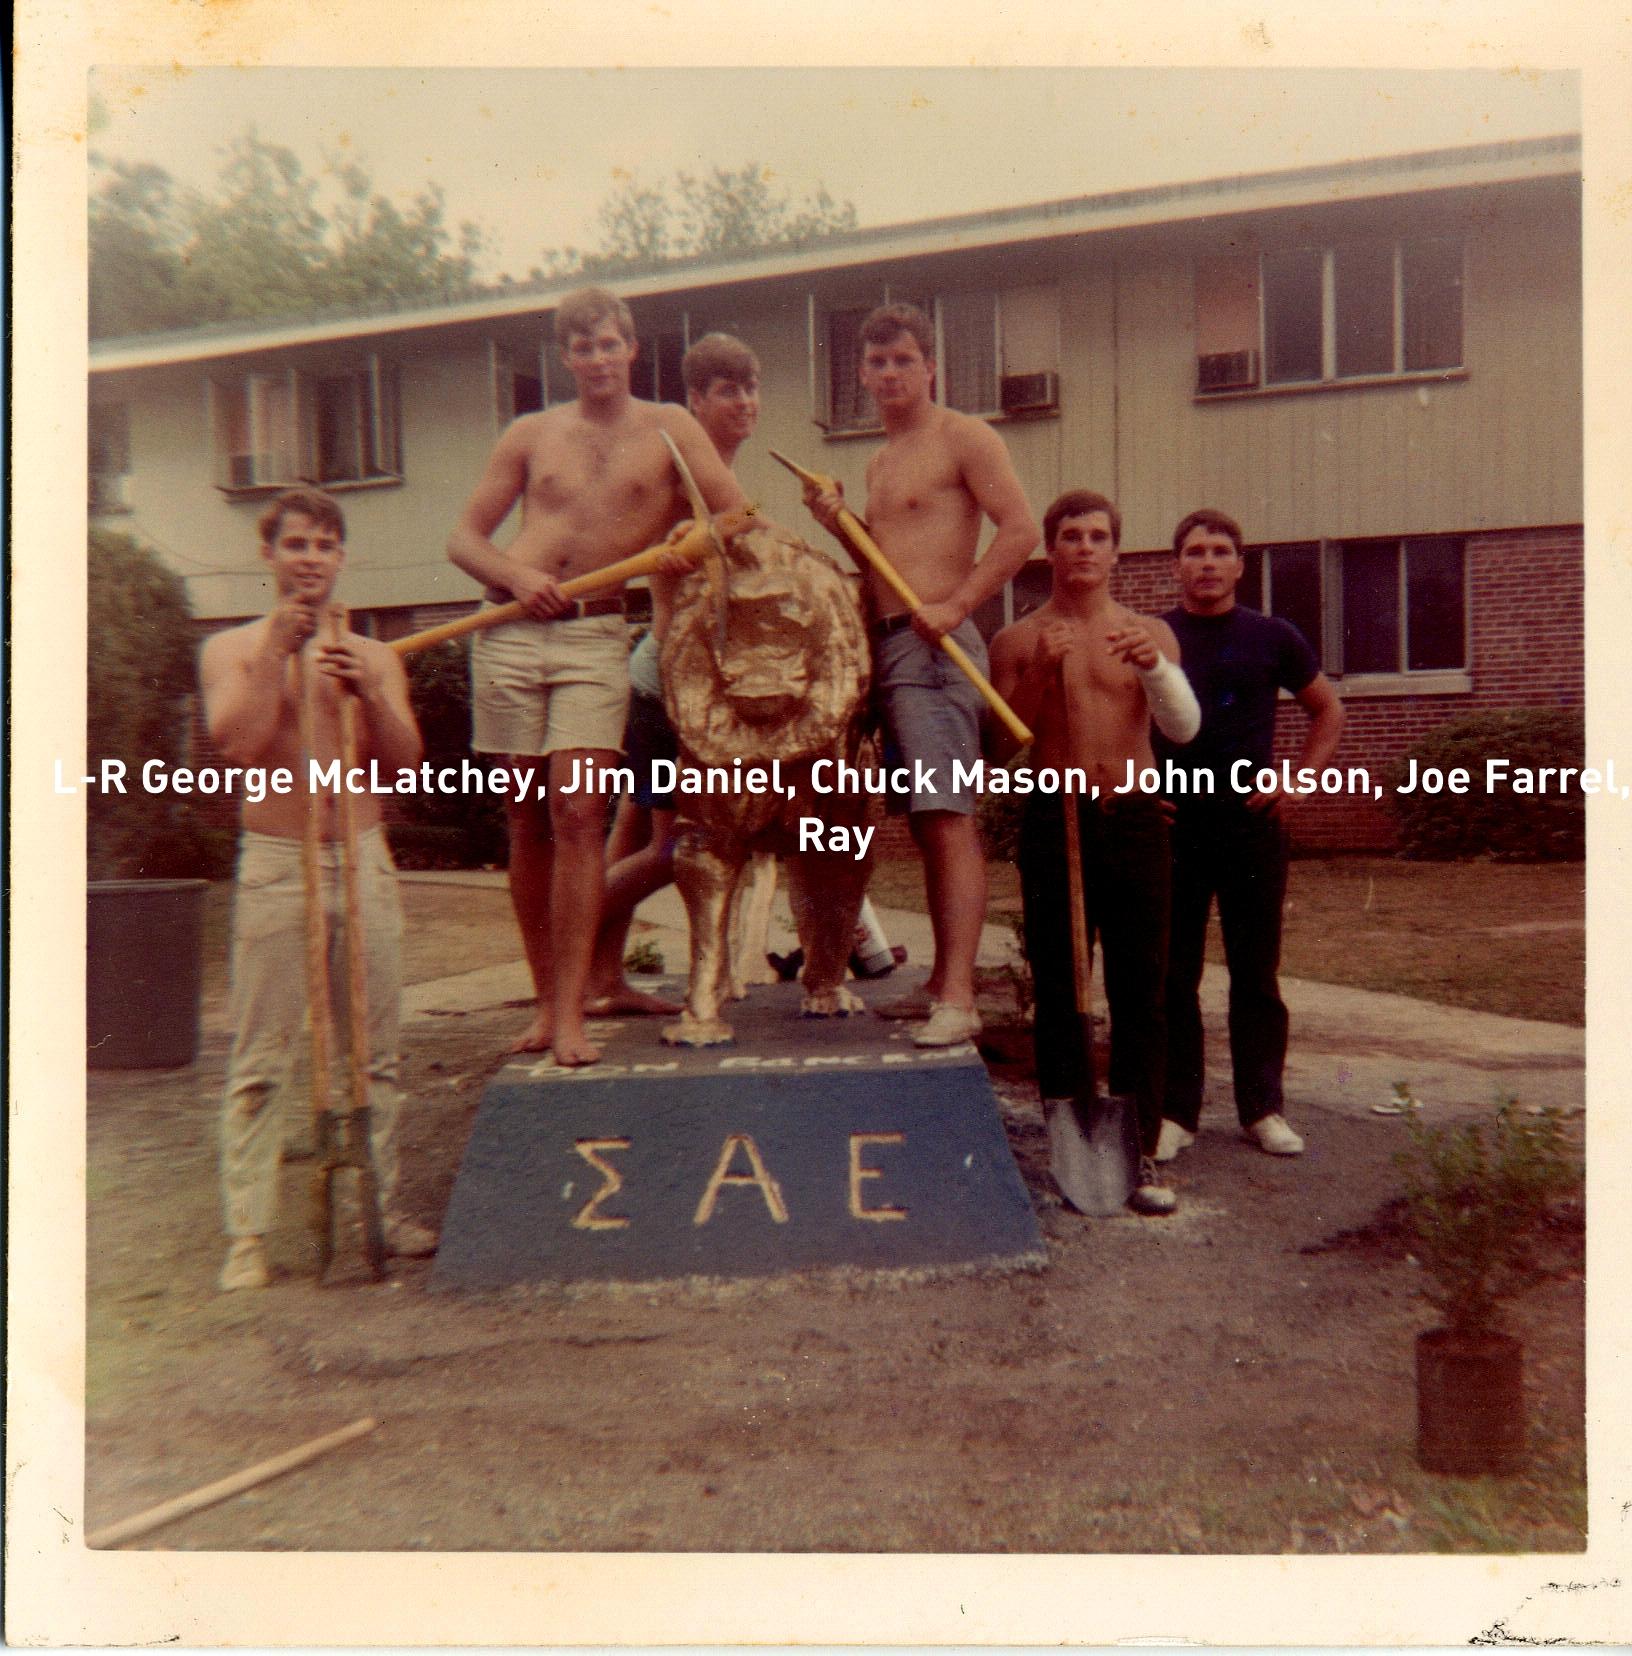 1962 GeorgeMcLatchey, JimDaniel, ChuckMason, JohnColson, JoeFarrell, Ray.jpg